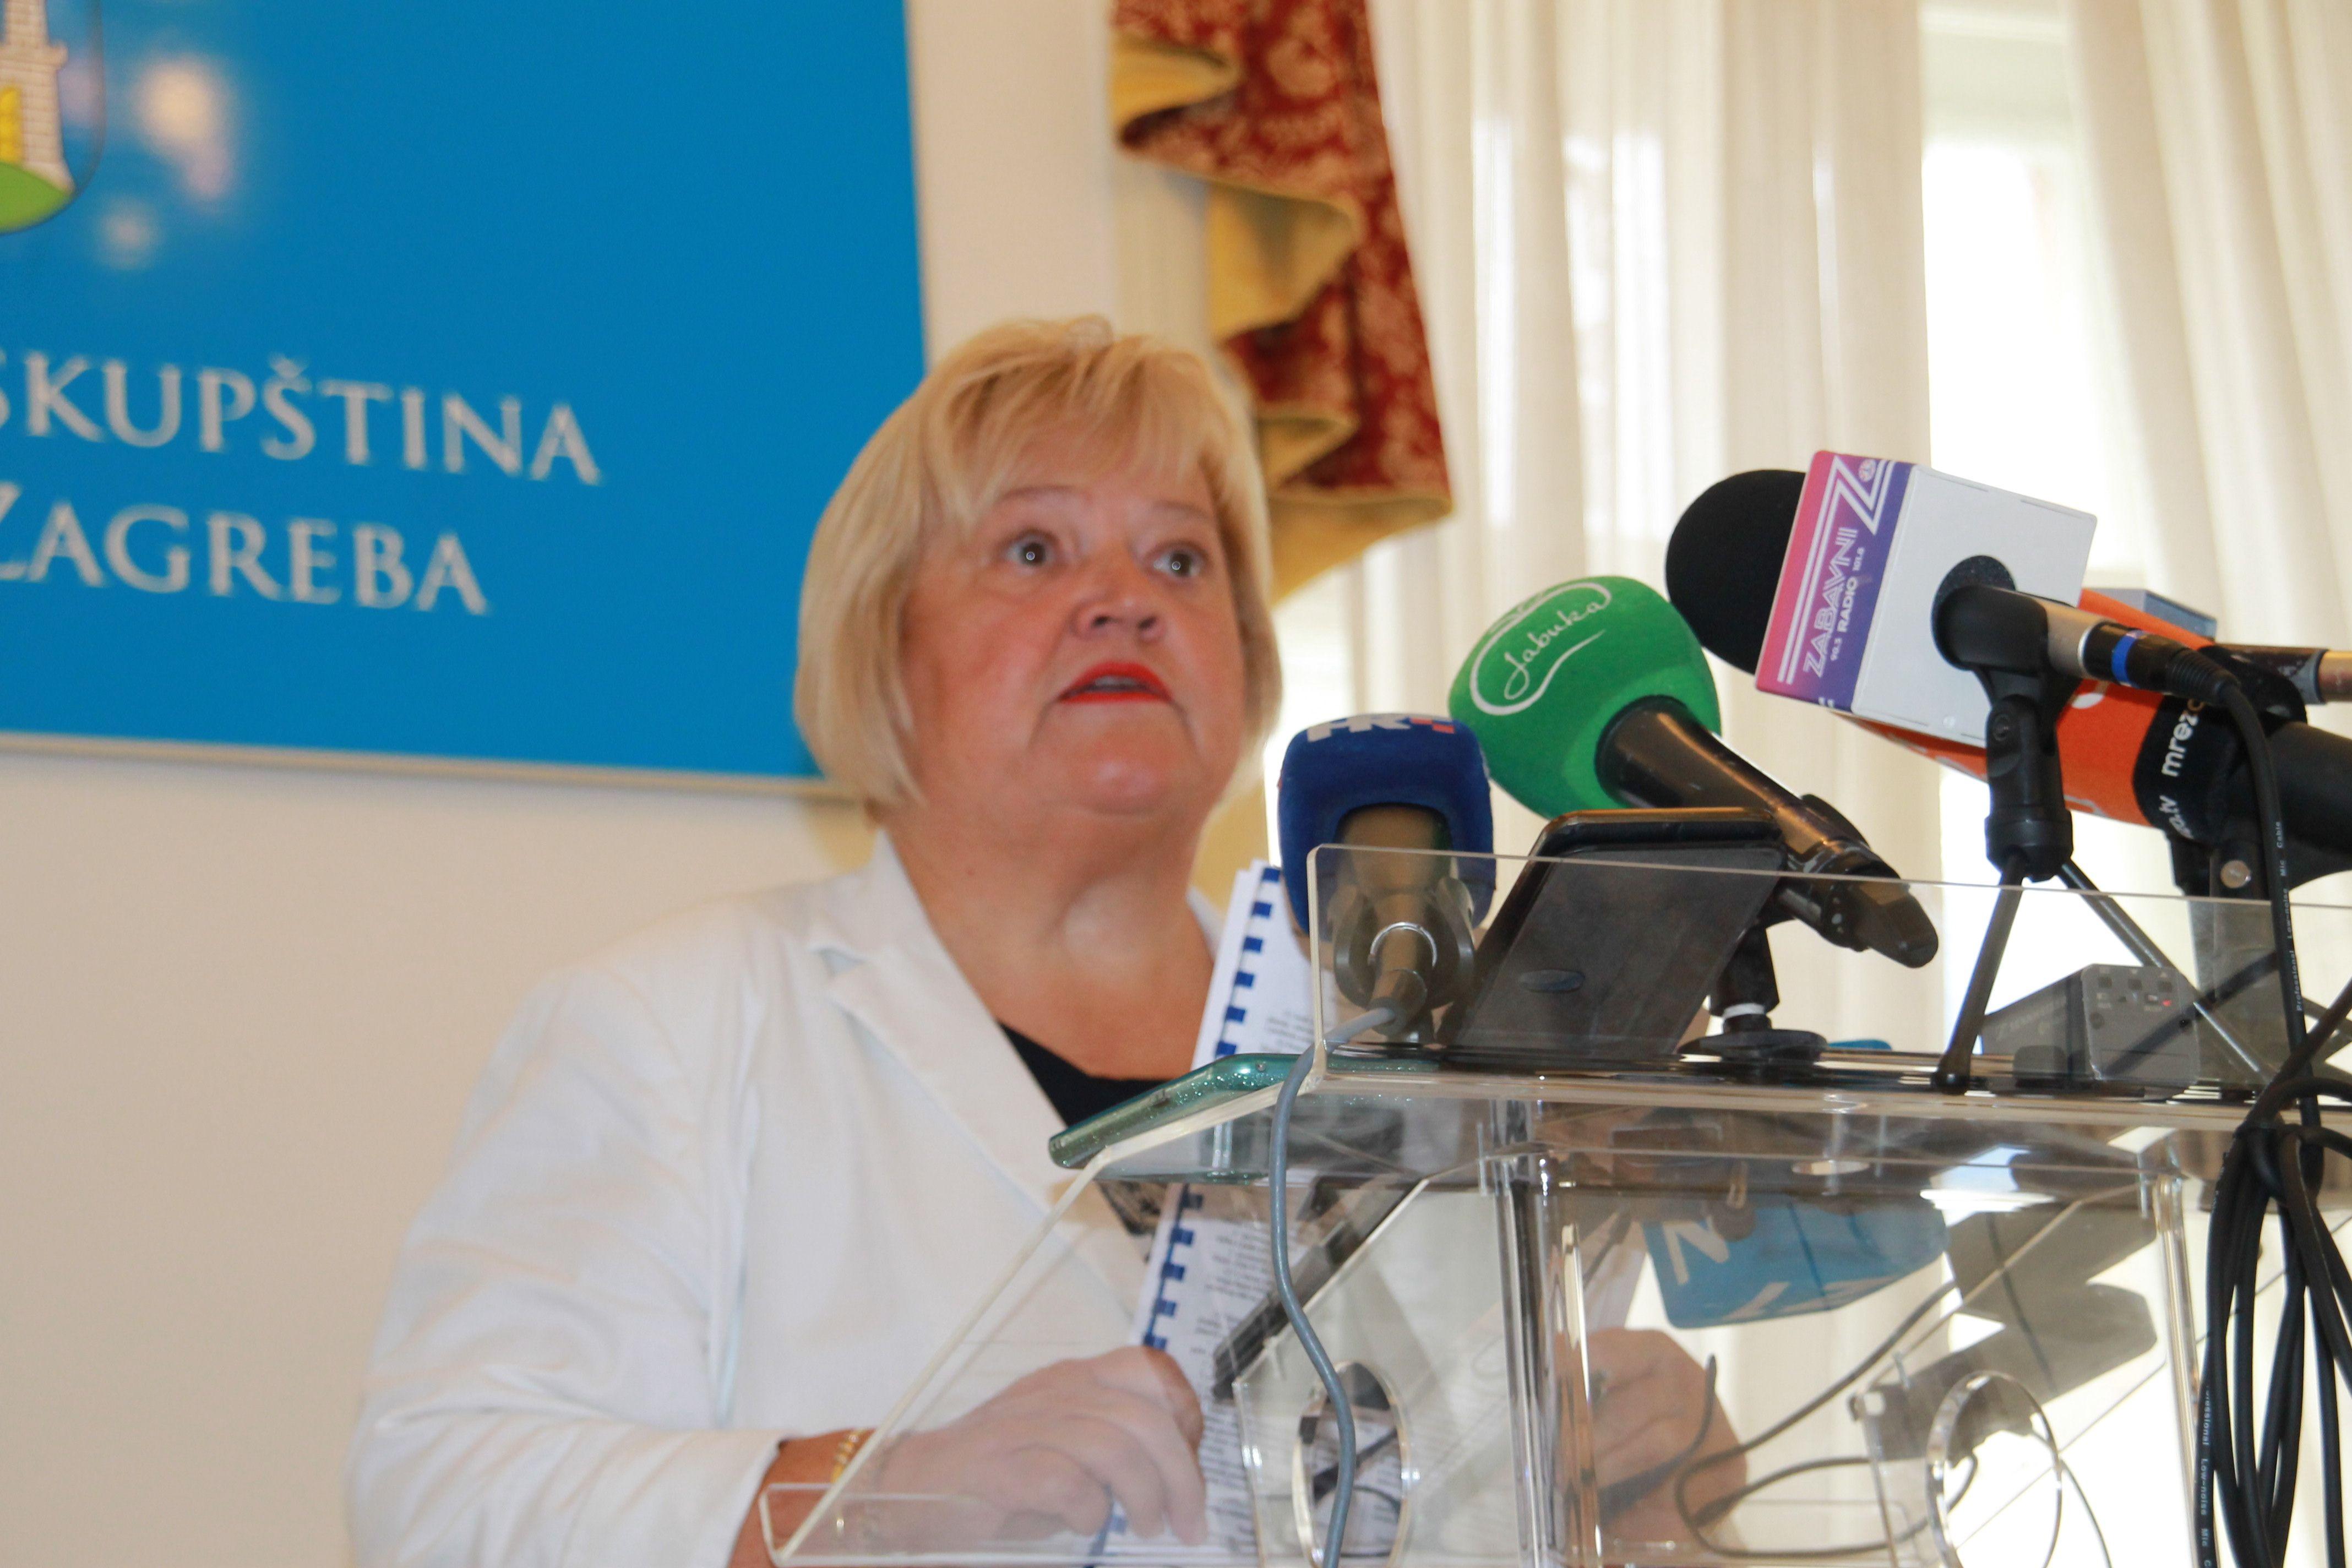 Mrak-Taritaš: Izmjenom GUP-a Bandić devastira Donji grad, stanje je alarmantno, a odgovornost je i na Plenkoviću